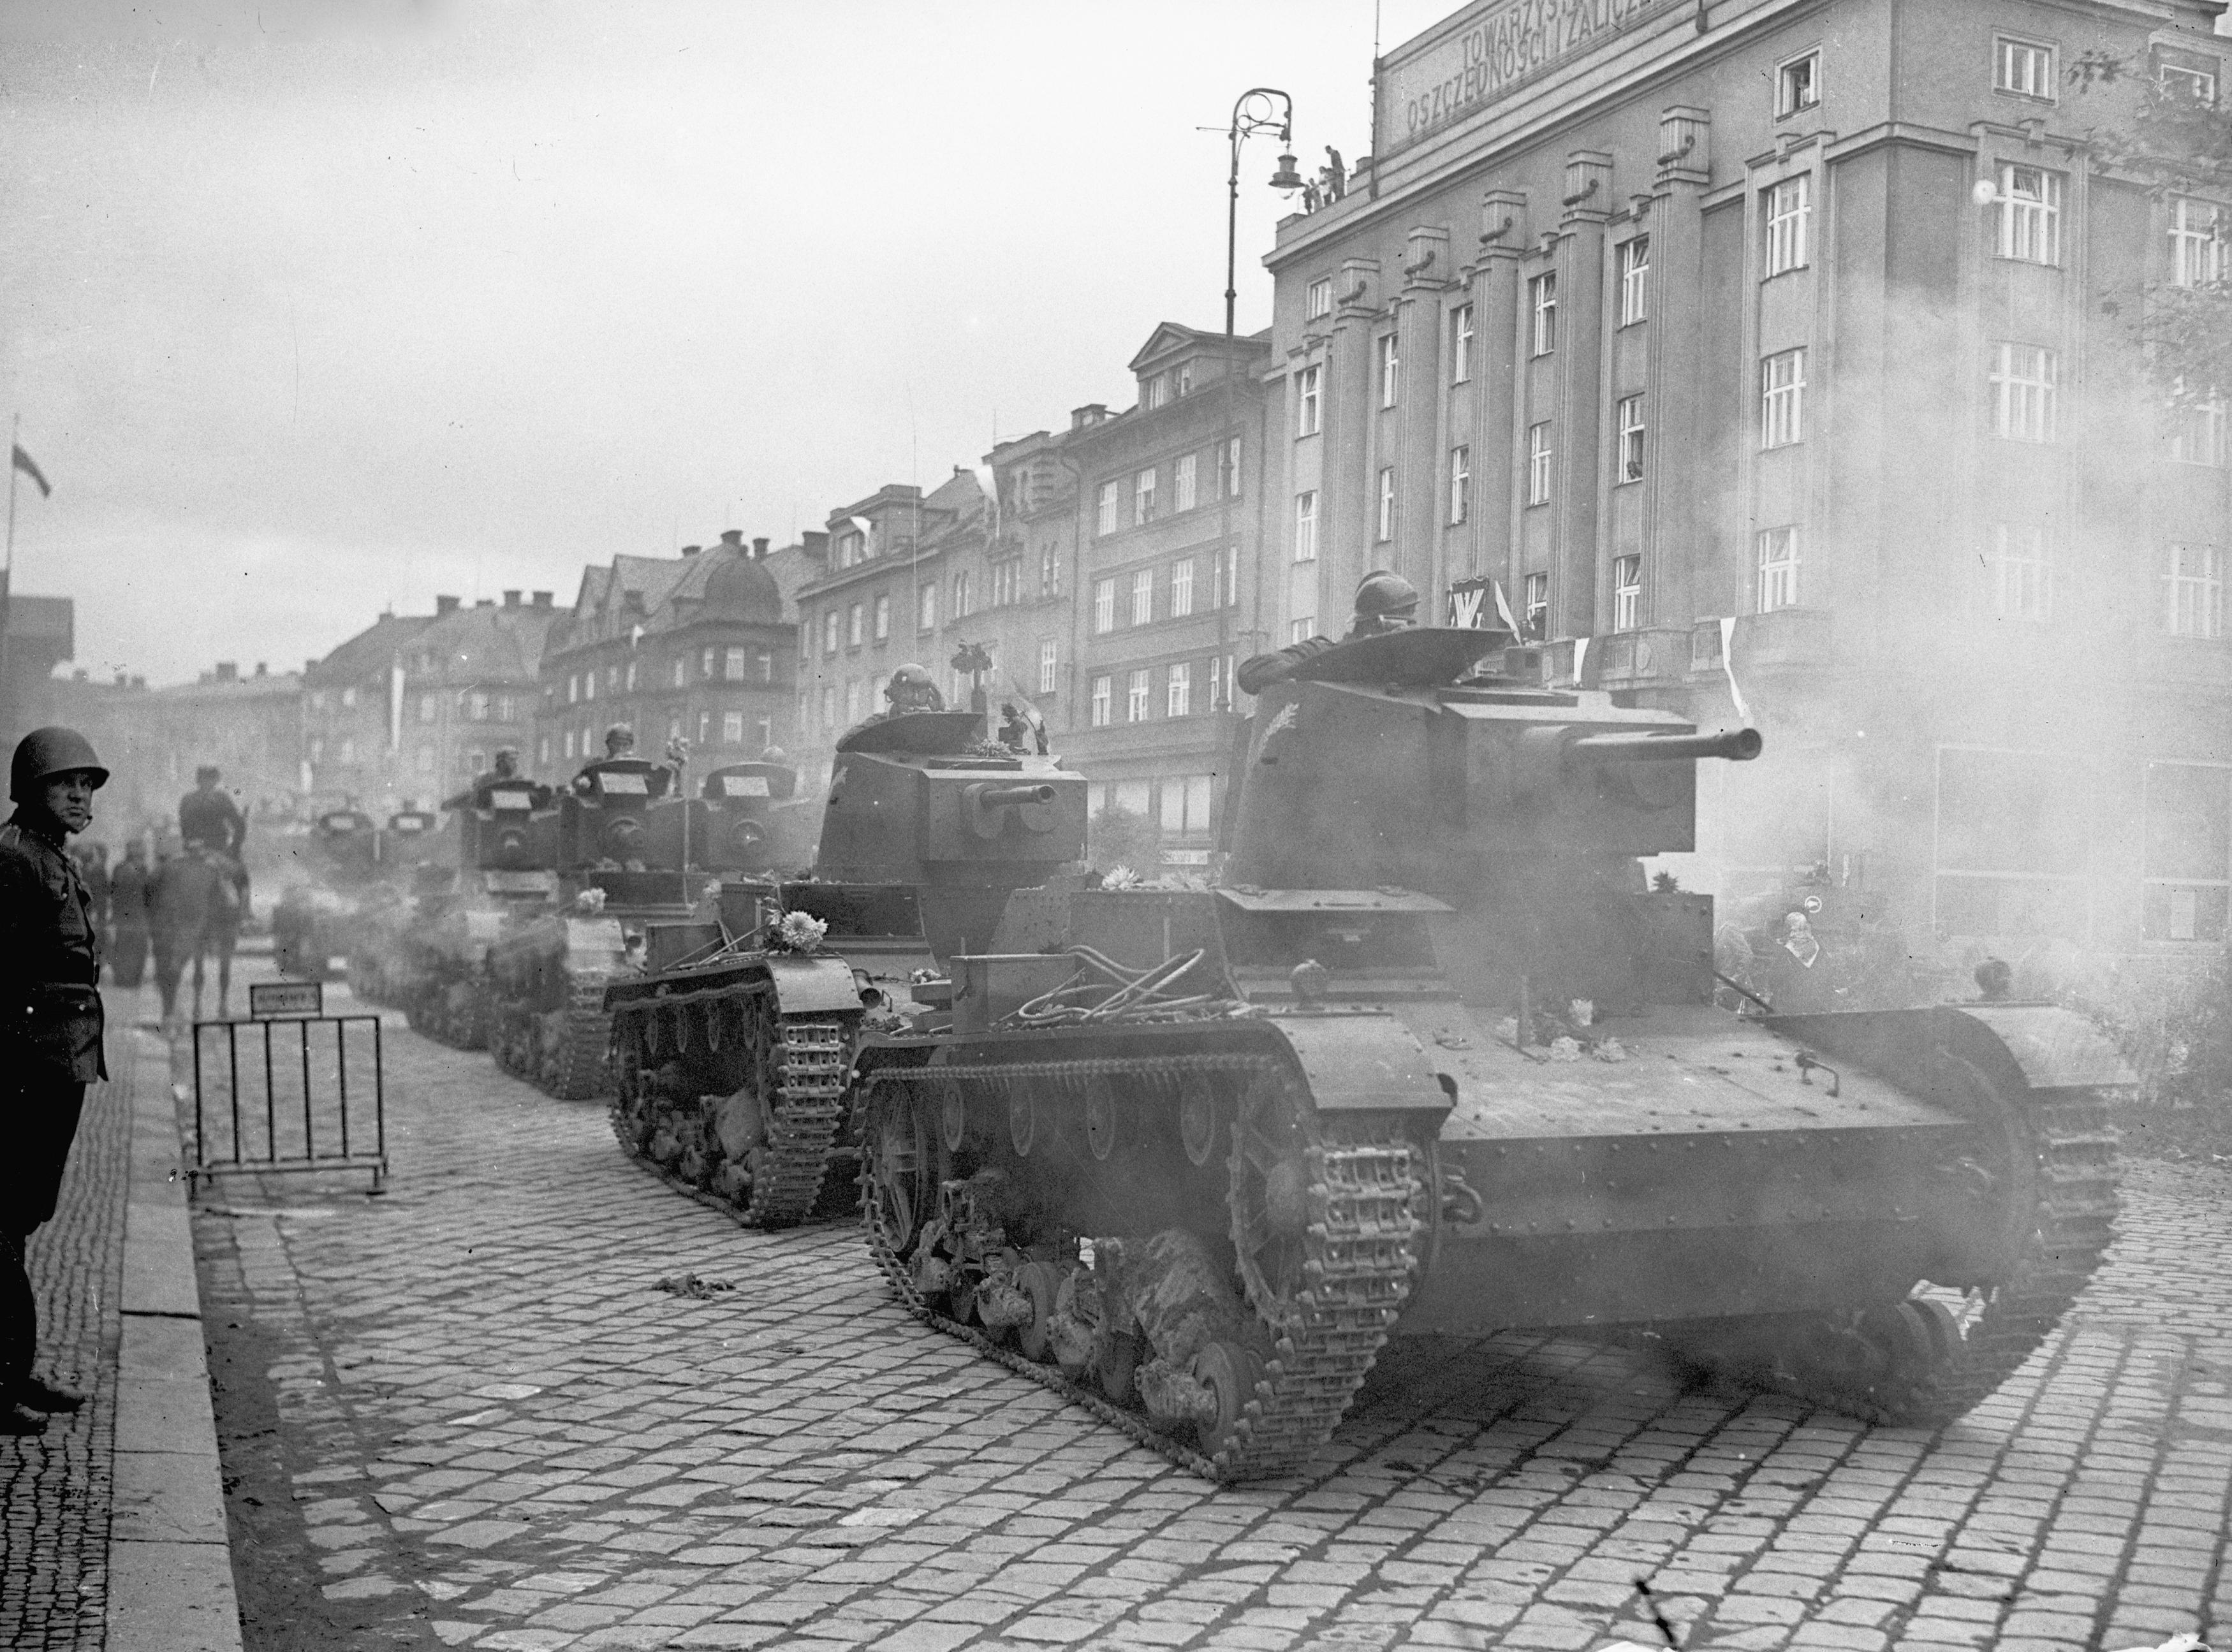 Польша против Чехии - бесконечный конфликт за спорные земли